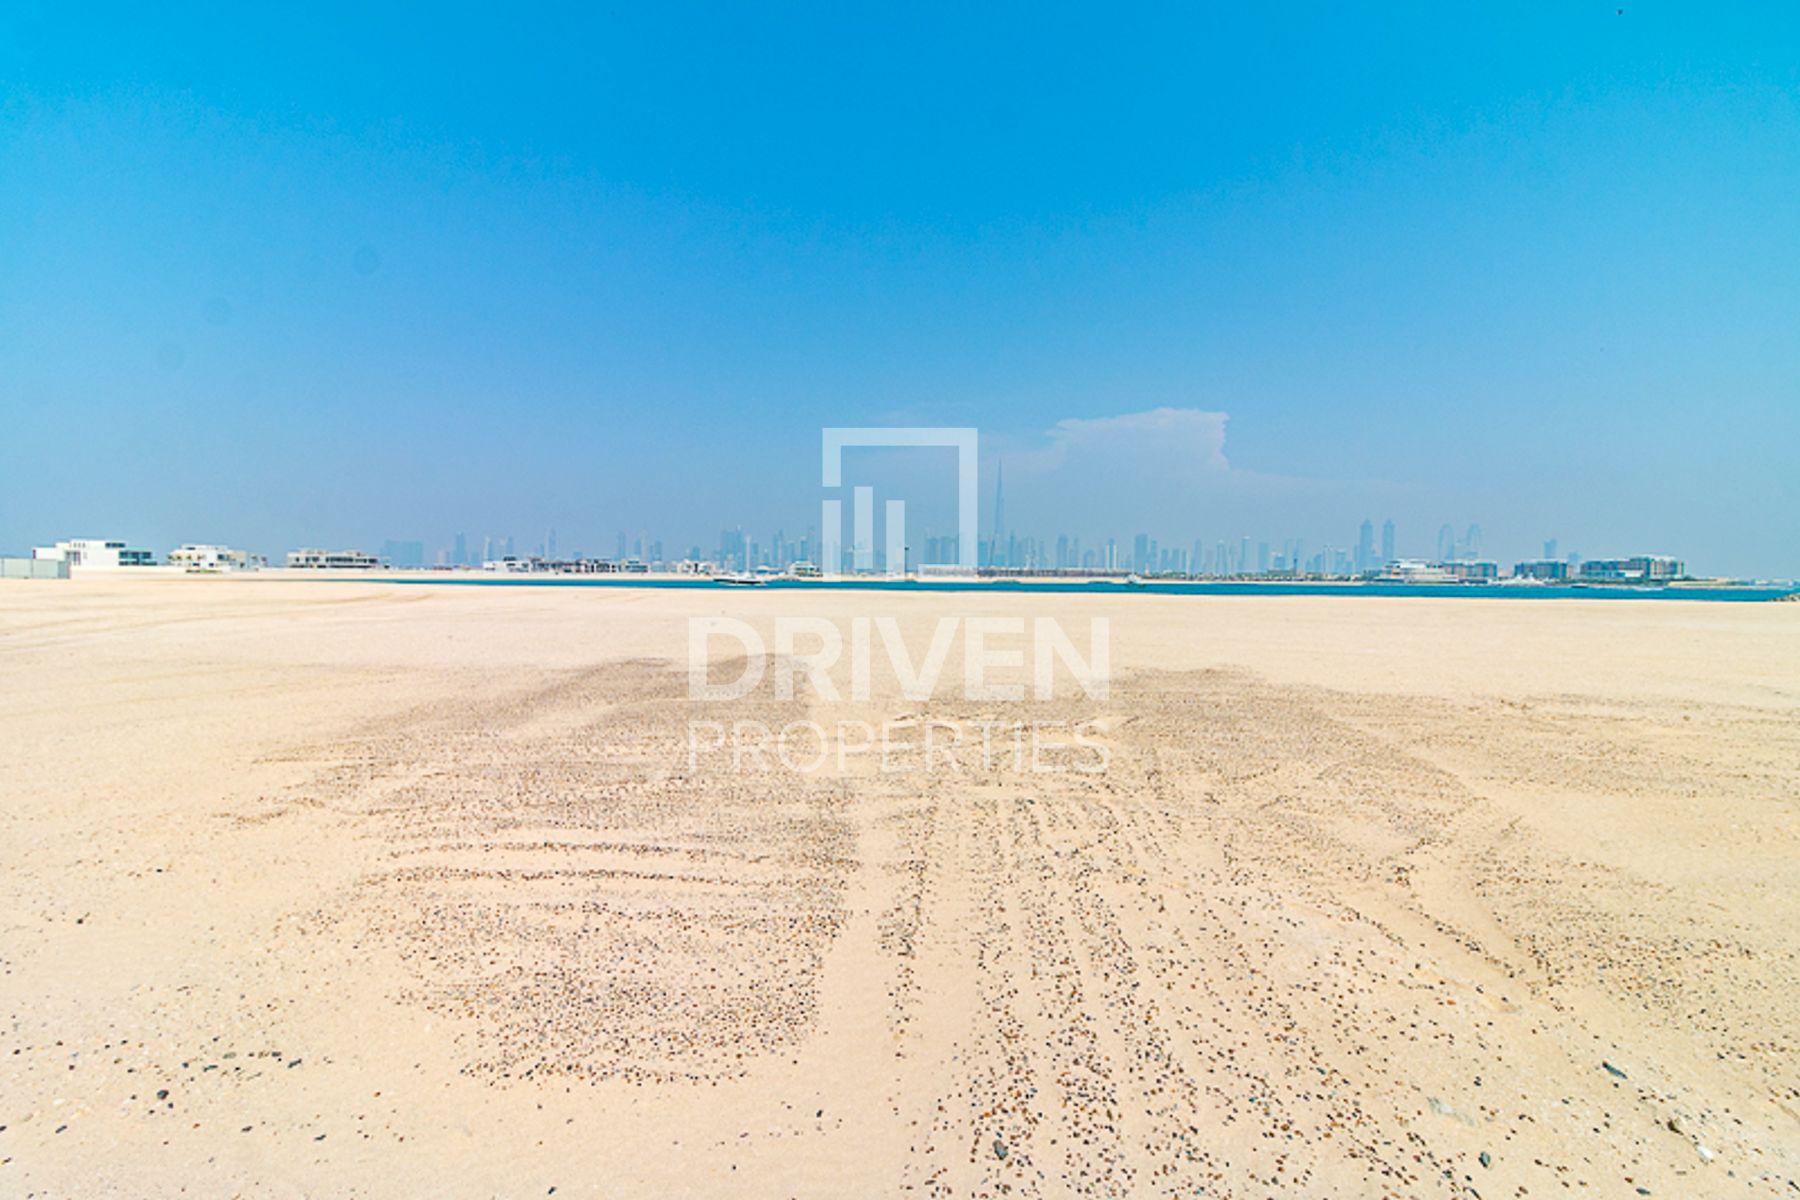 للبيع - أرض سكنية - Bulgari Resort & Residences - الجميرا